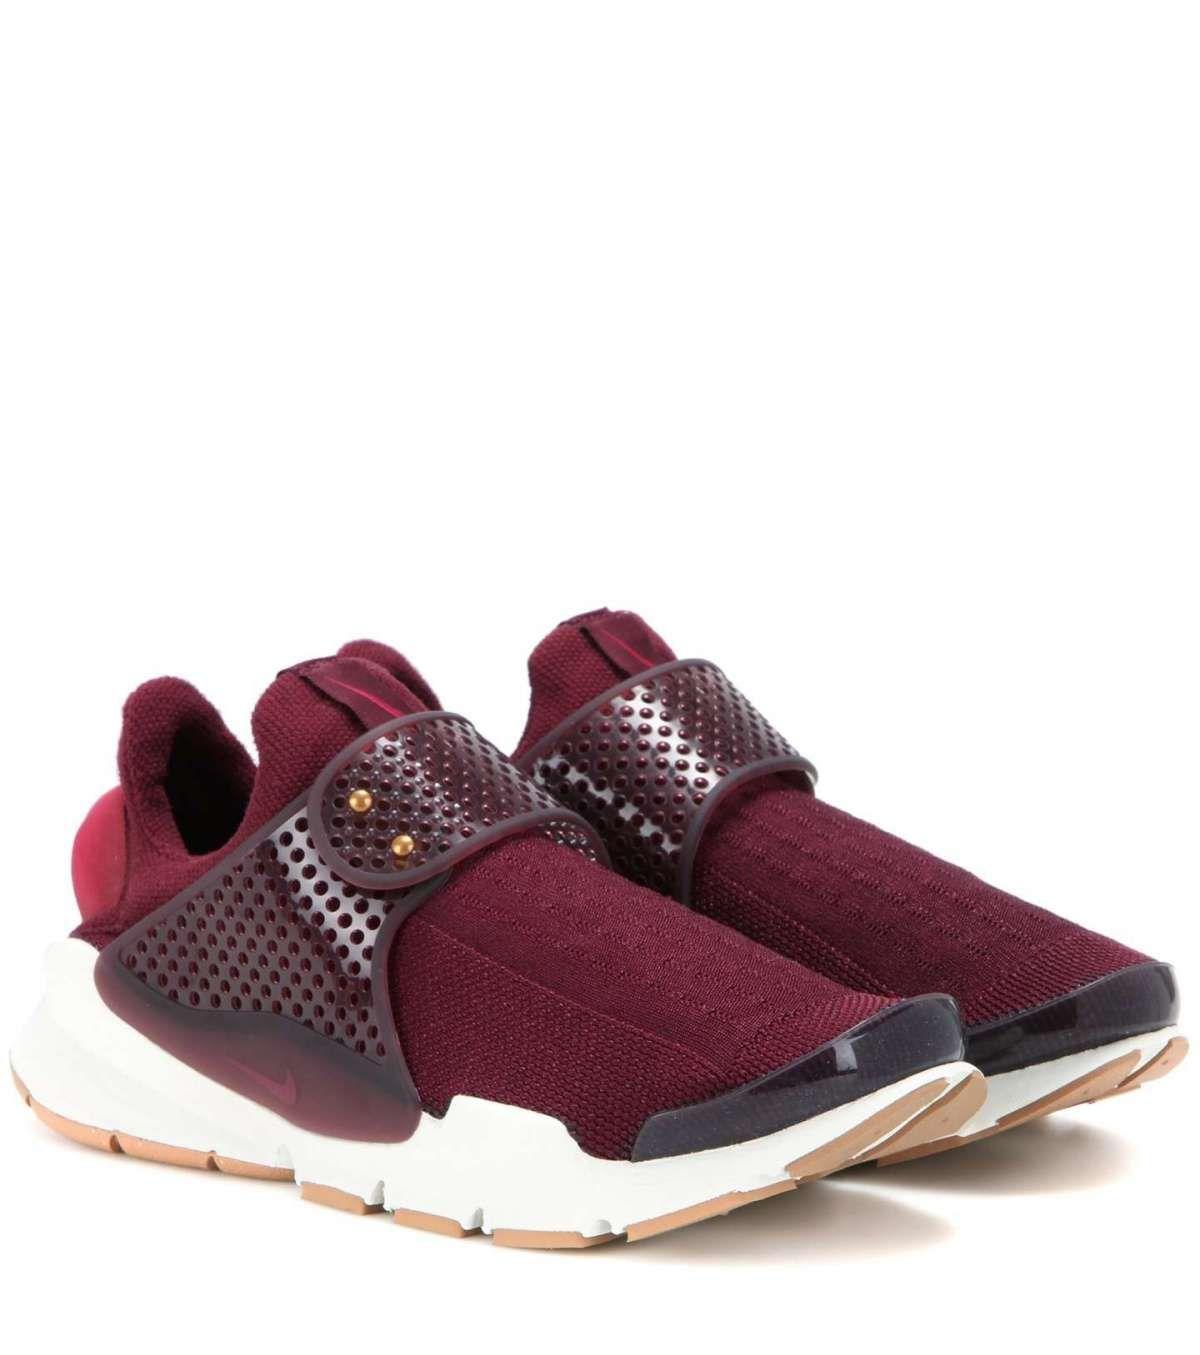 Collezione scarpe Nike Autunno Inverno 2016-2017 (Foto 37 40 ... 37bbd0d5bd5